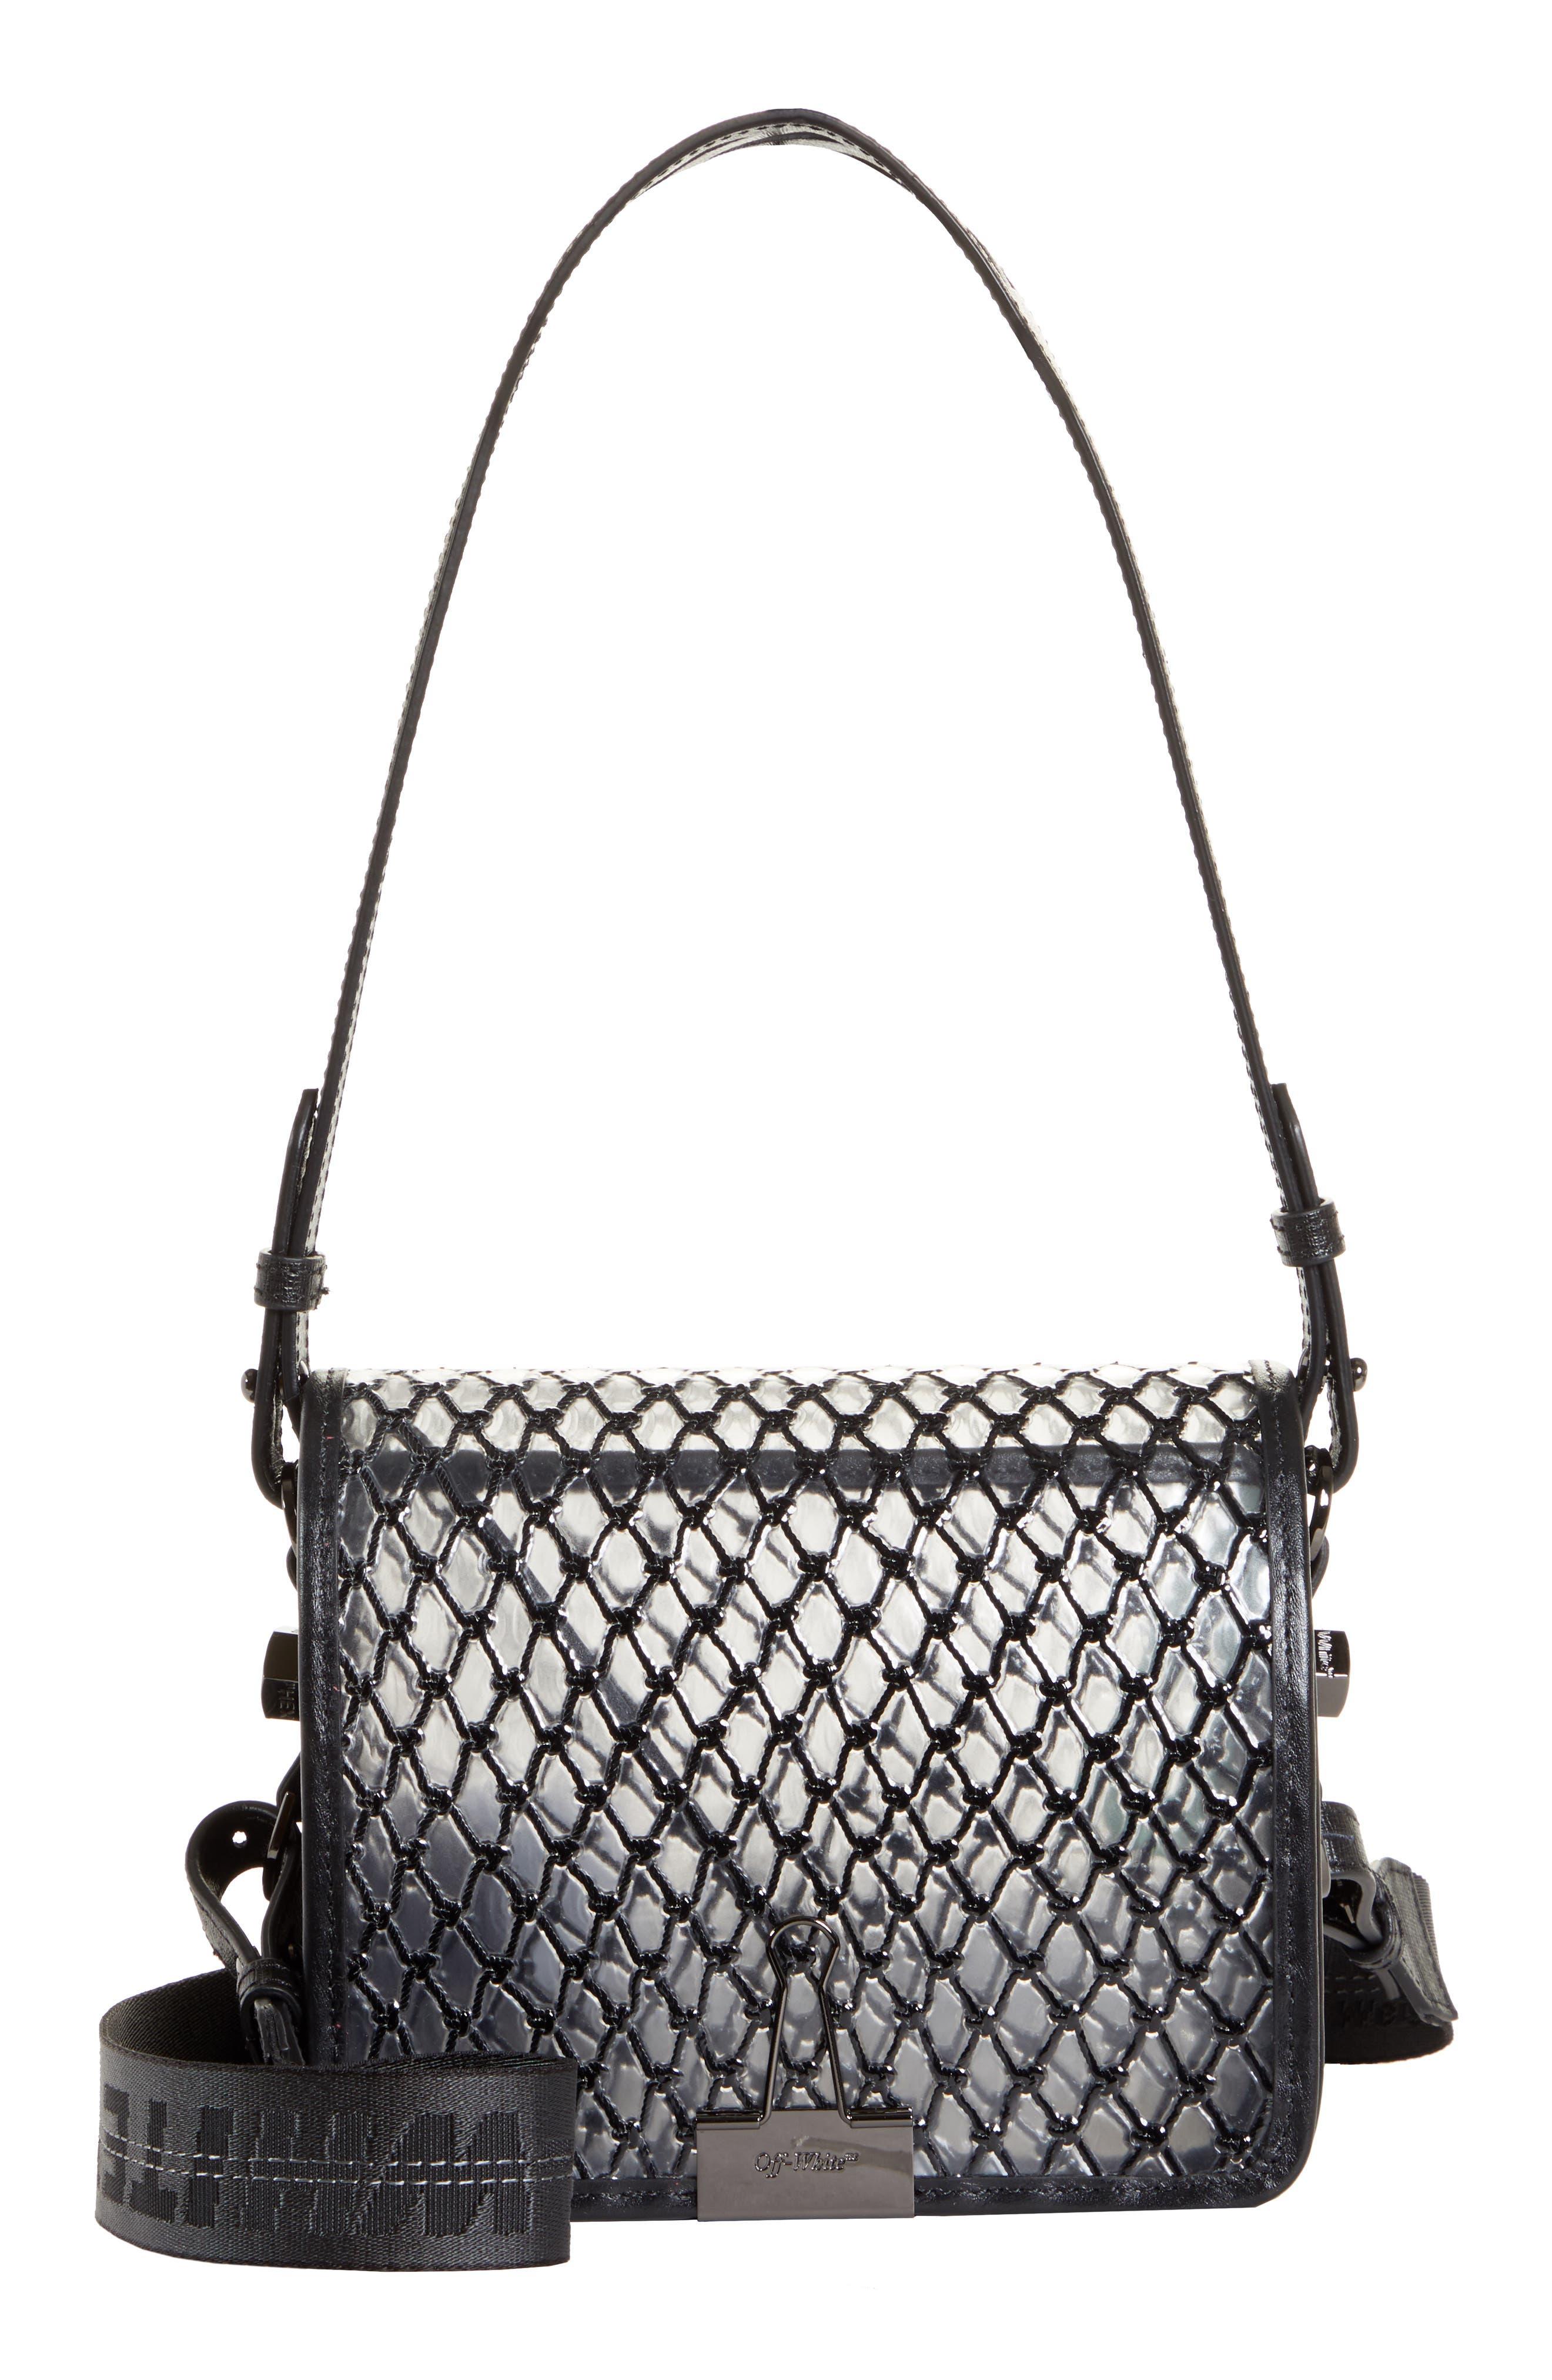 OFF-WHITE Net PVC Flap Bag, Main, color, BLACK